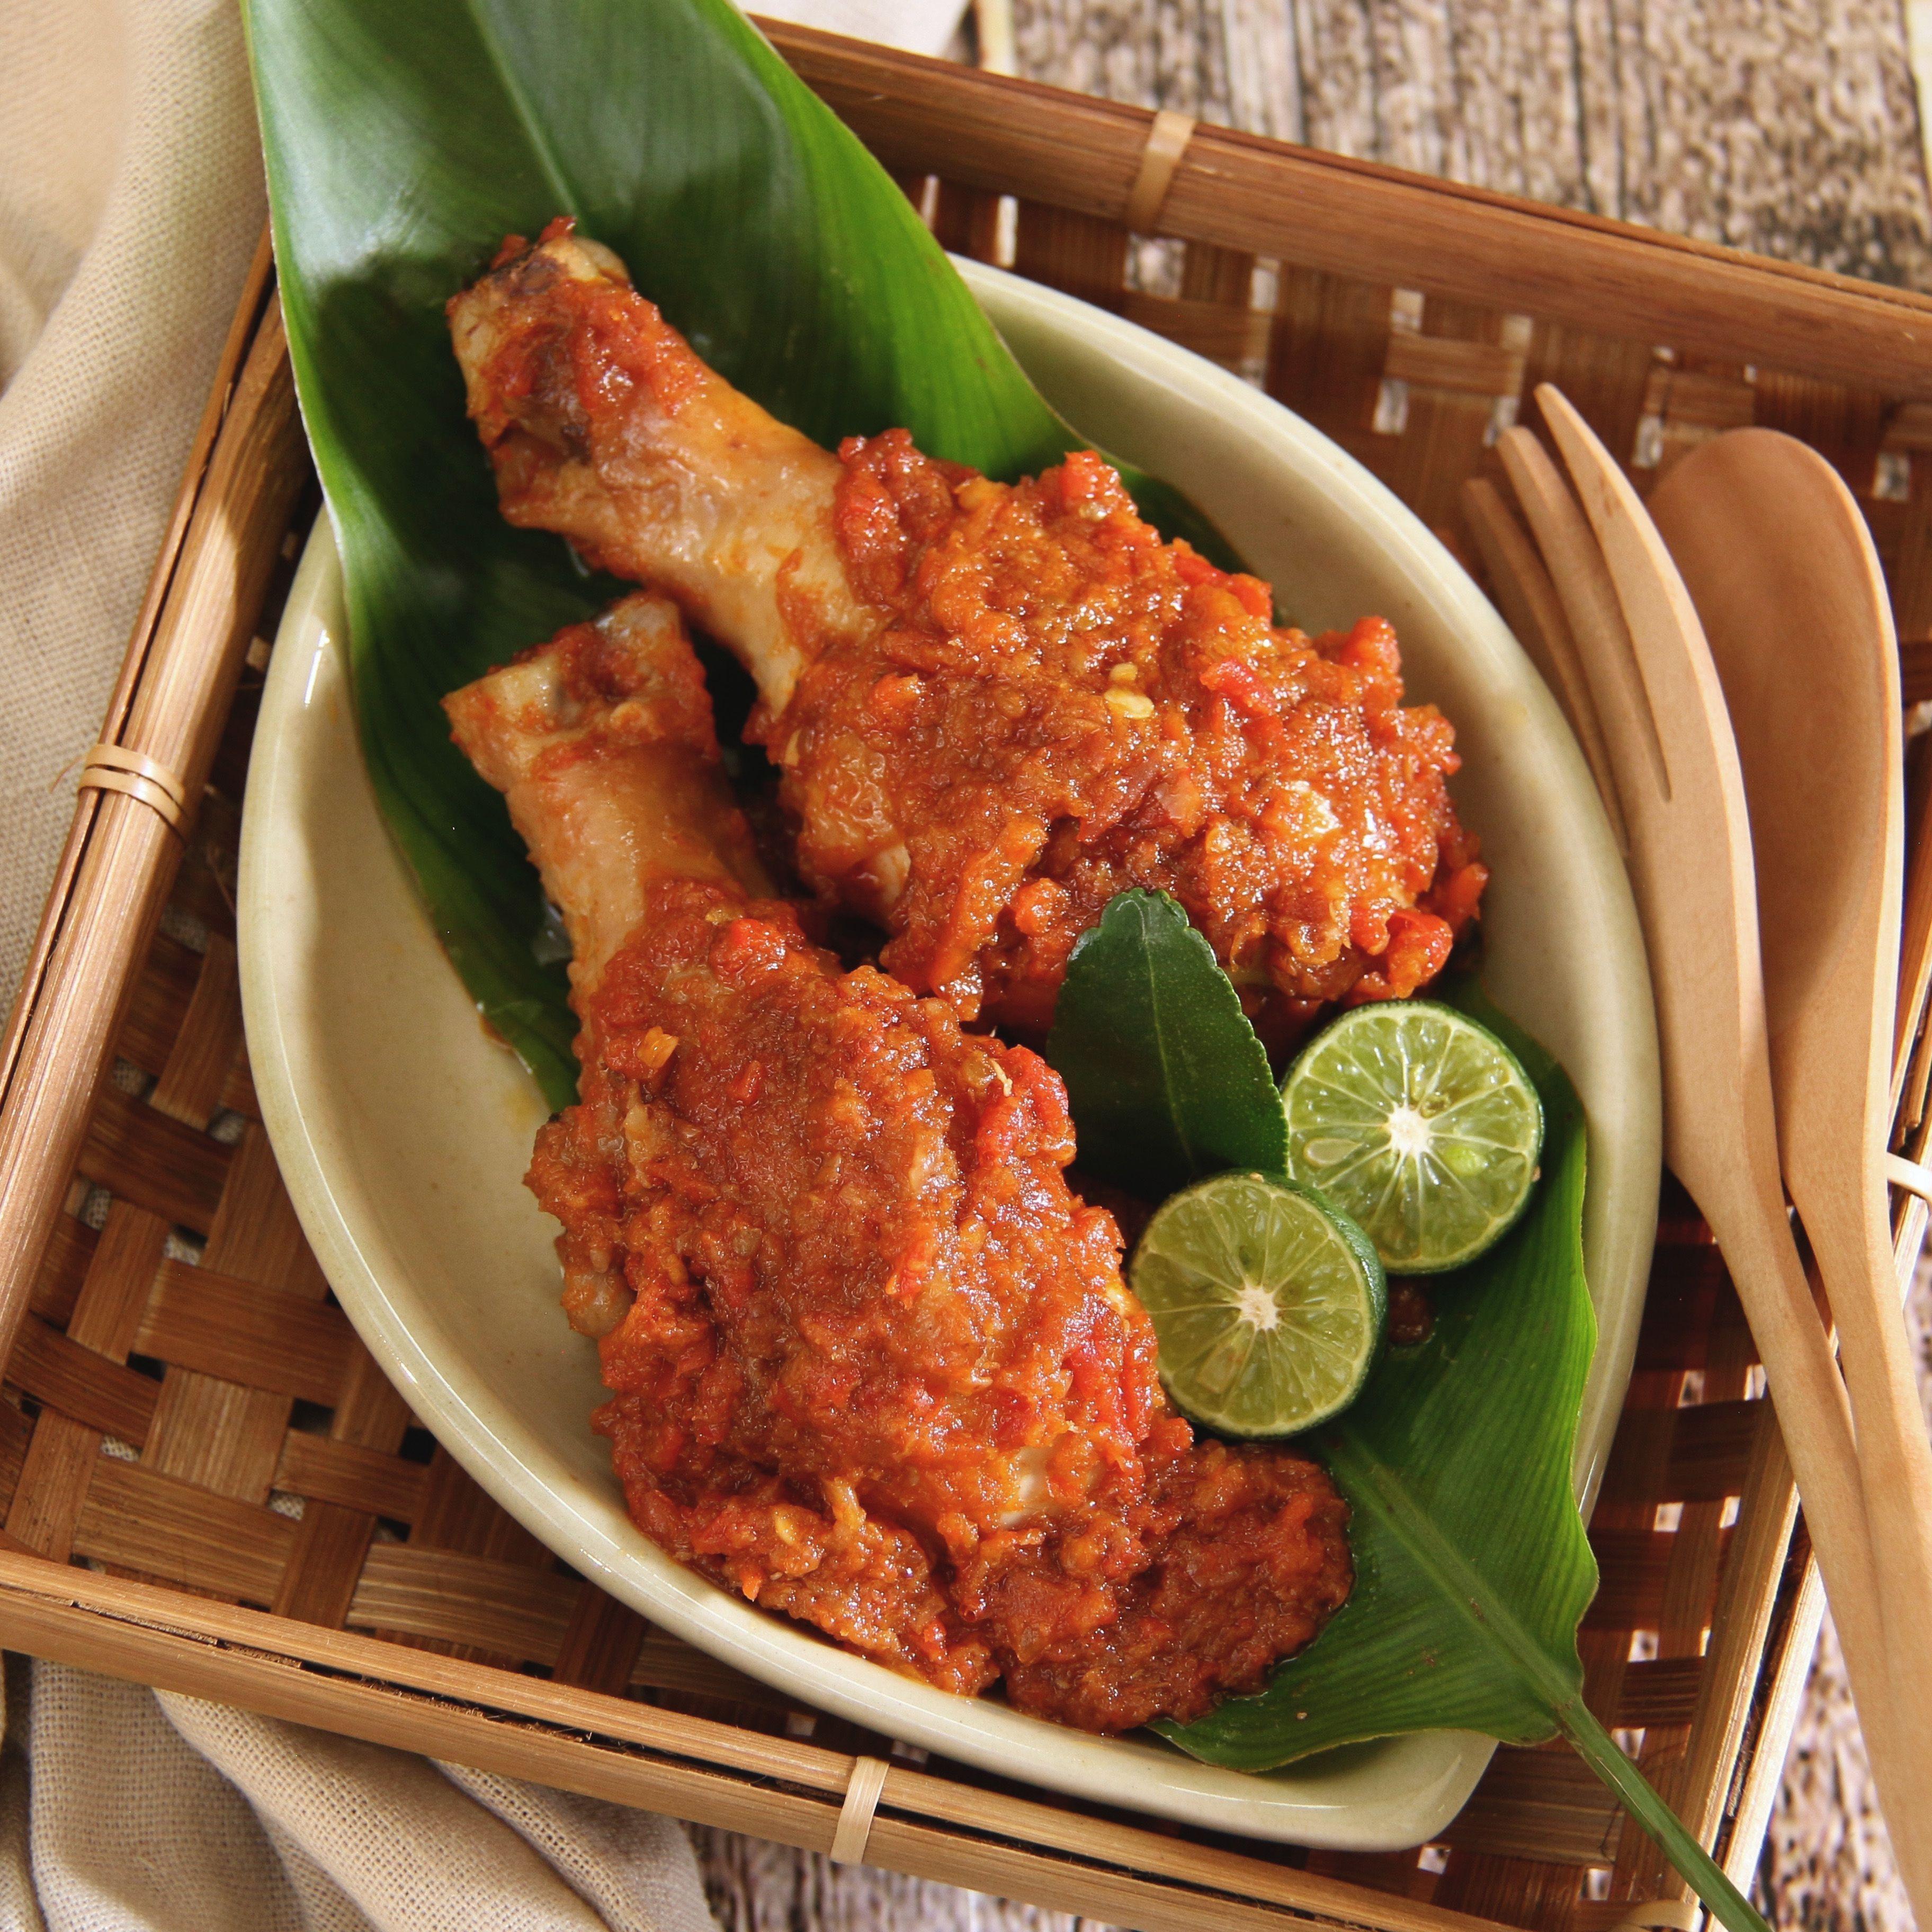 Resep Cara Membuat Ayam Panggang Merah Ayam Panggang Resep Resep Ayam